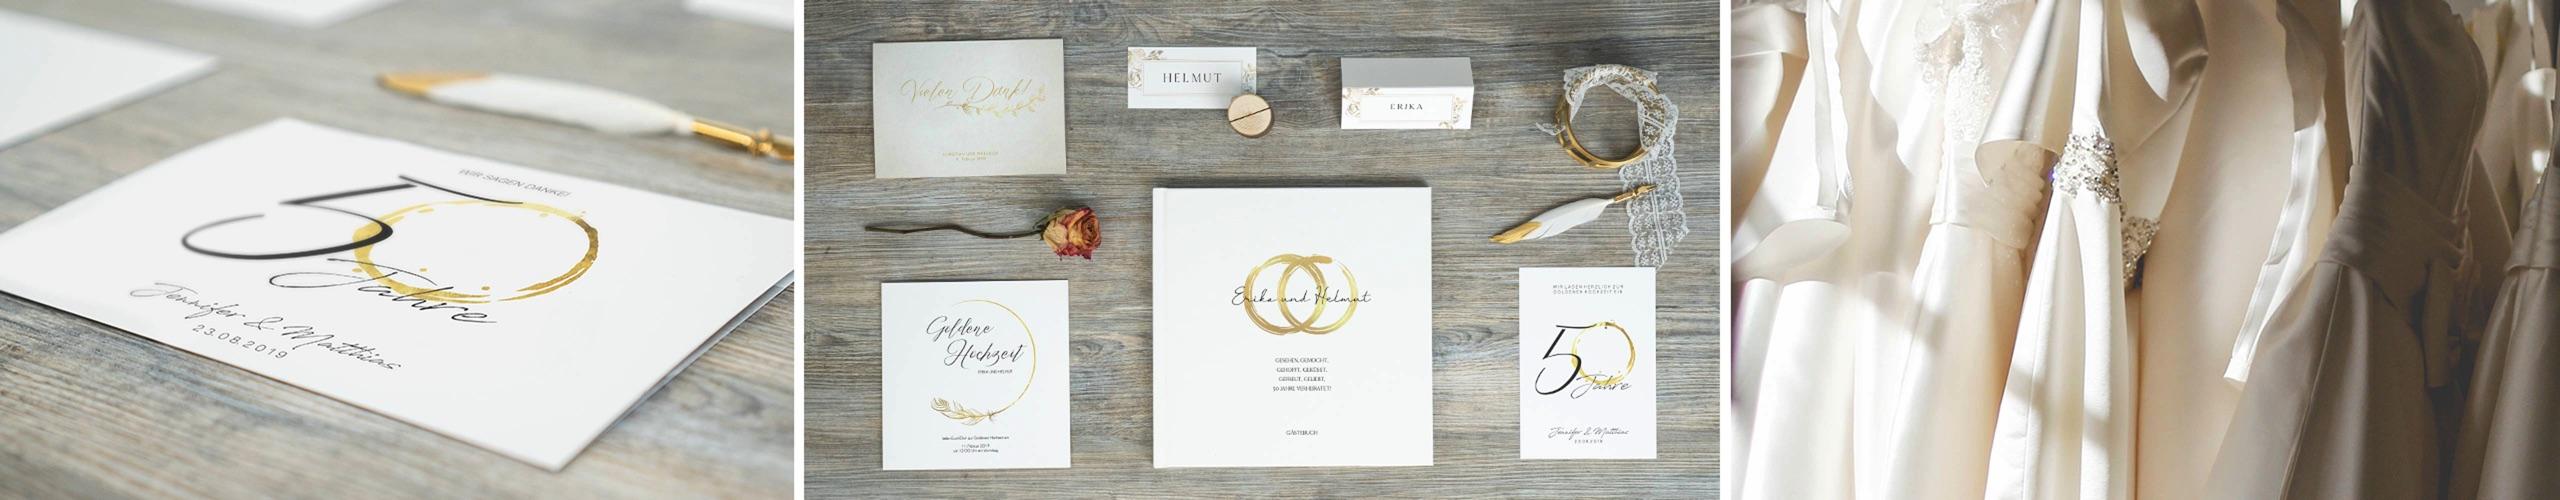 Karten Druckerei Für Einladungen Und Danksagungen Zur